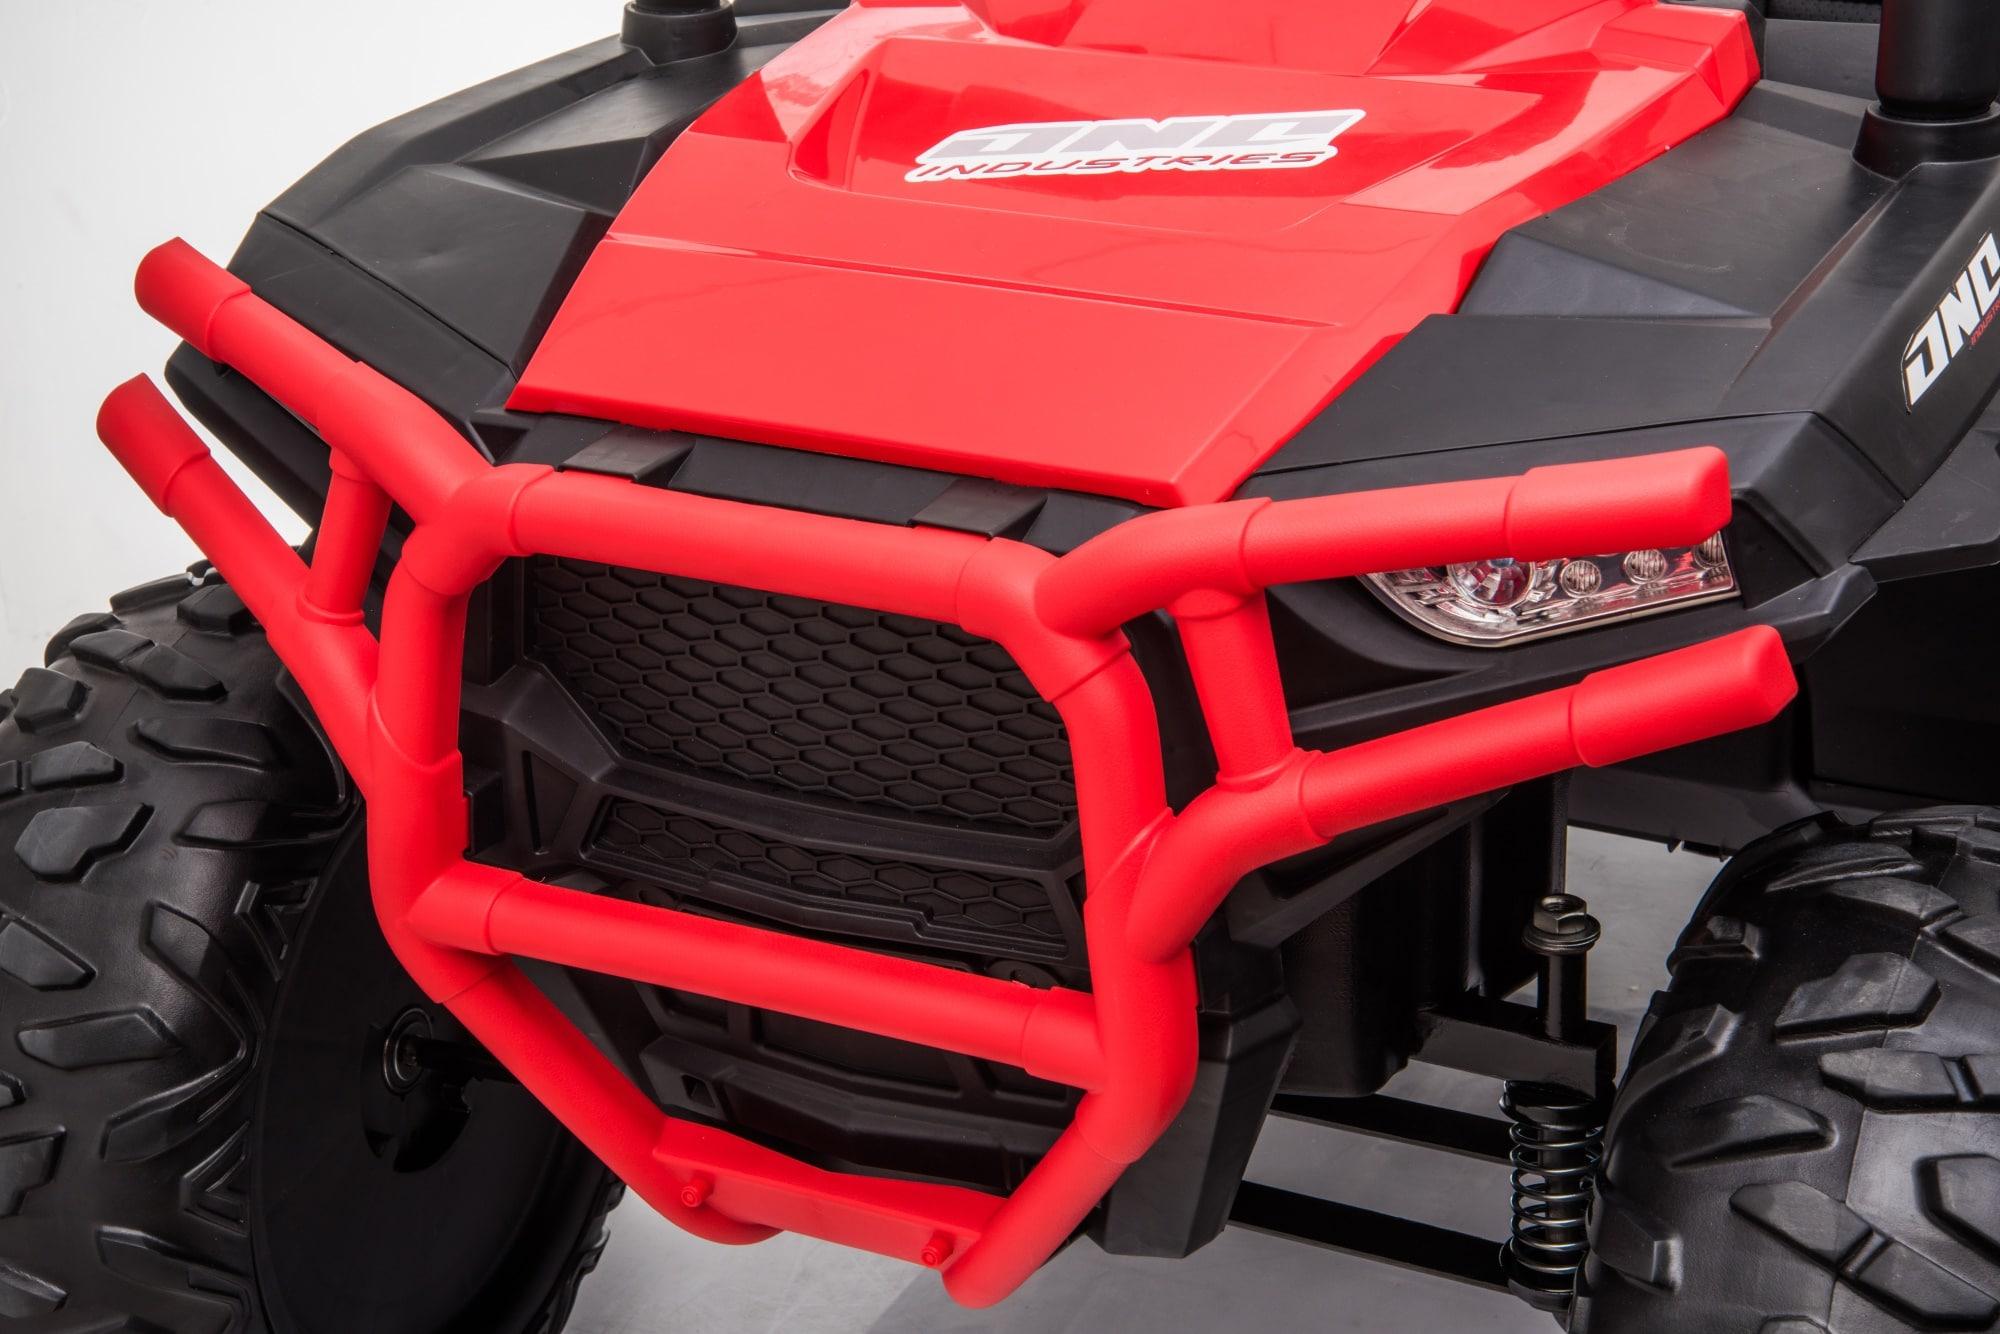 Utv Mx Pro Edition 4wd 24v* Buggy – Eva – Red